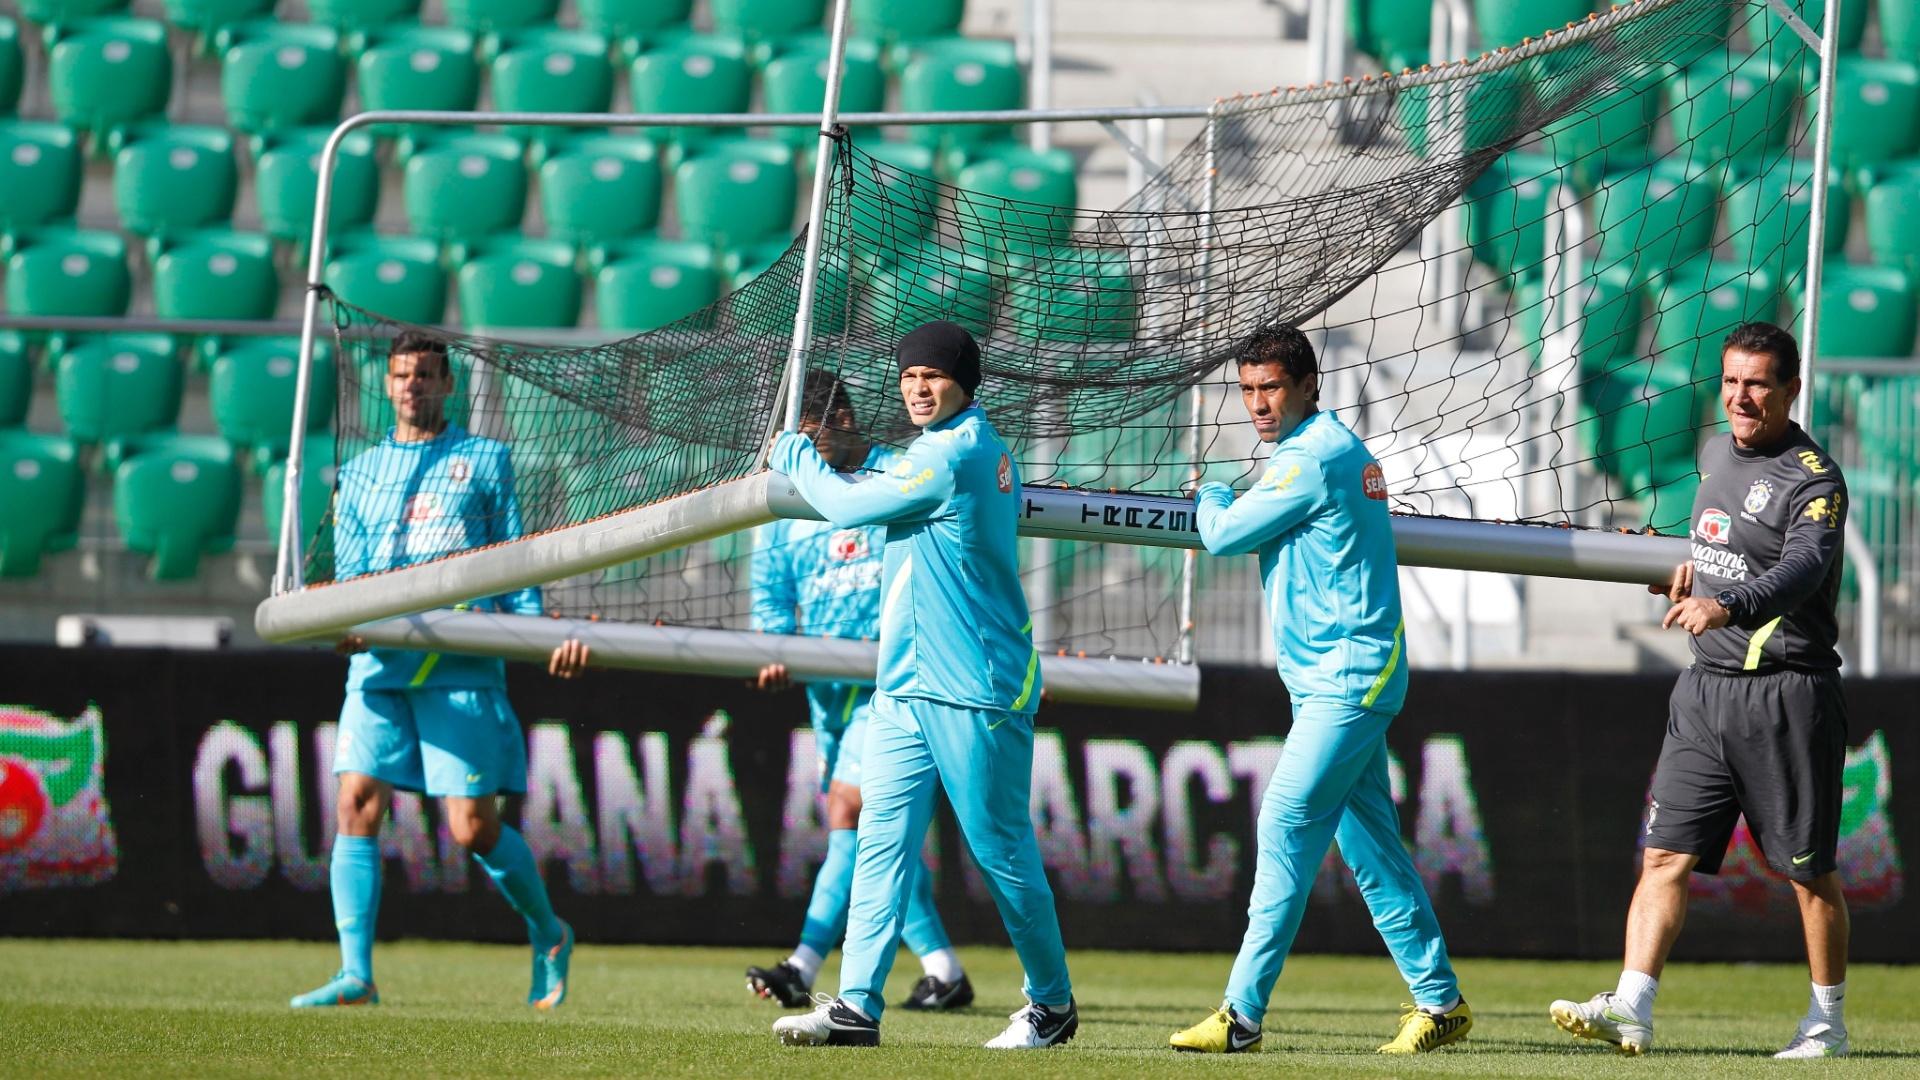 Jogadores da seleção carregam a trave durante treinamento da equipe em Wroclaw, palco de amistoso com o Japão